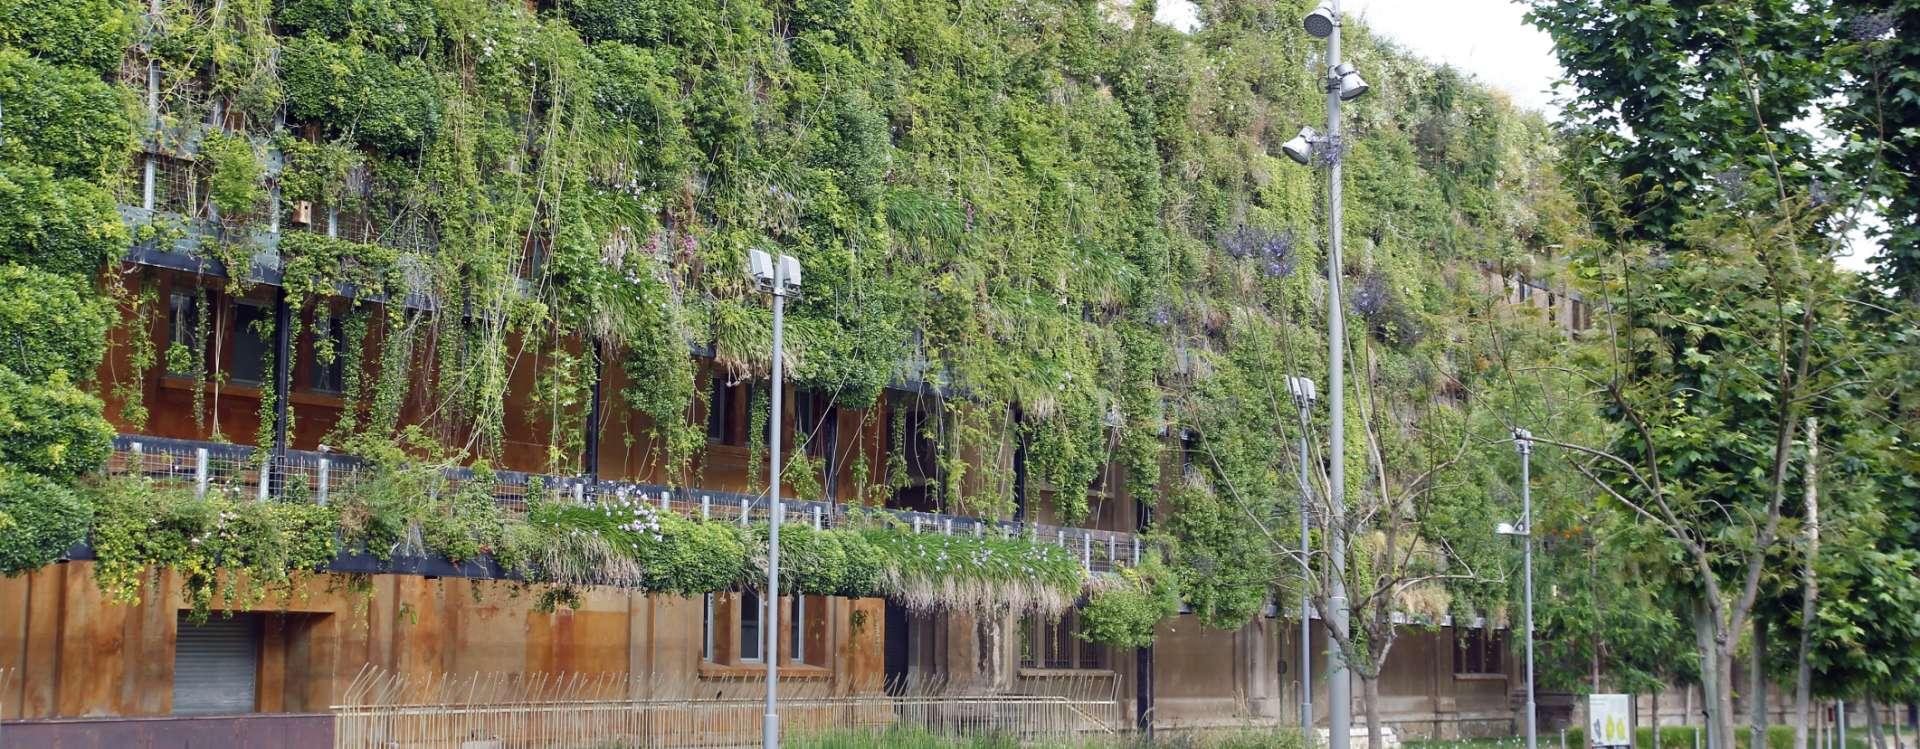 Biodiversité et bâtiment : mythe ou réalité ?